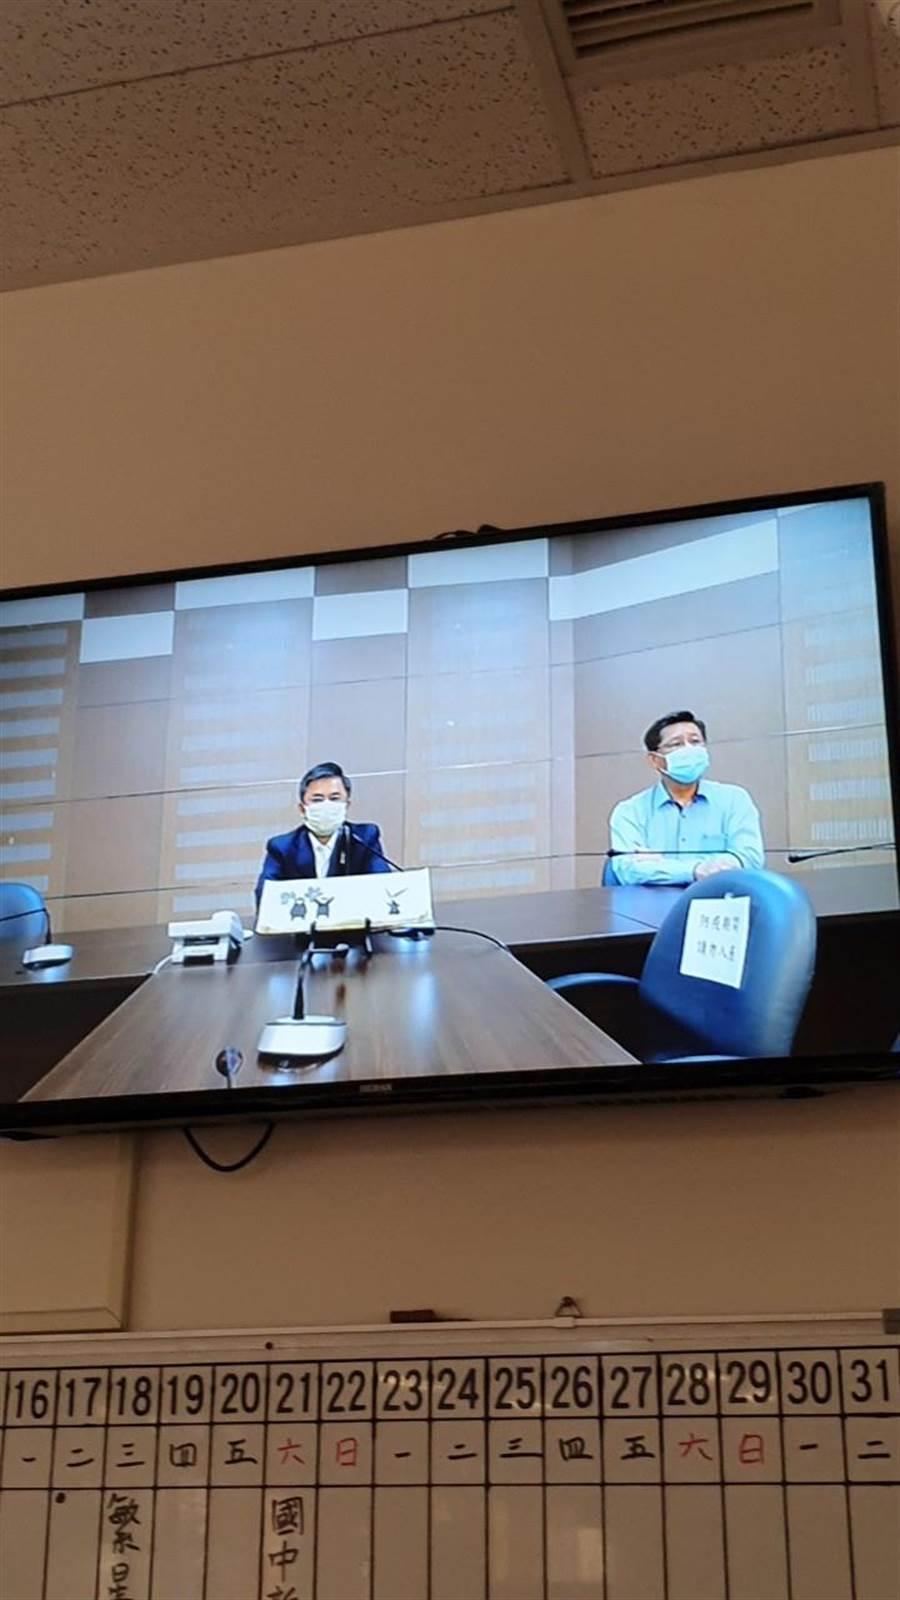 中科管理局長許茂新(左)與中科實中校長林坤燦(右)藉由校內廣播系統晨間直播。(中科管理局提供/王文吉台中傳真)